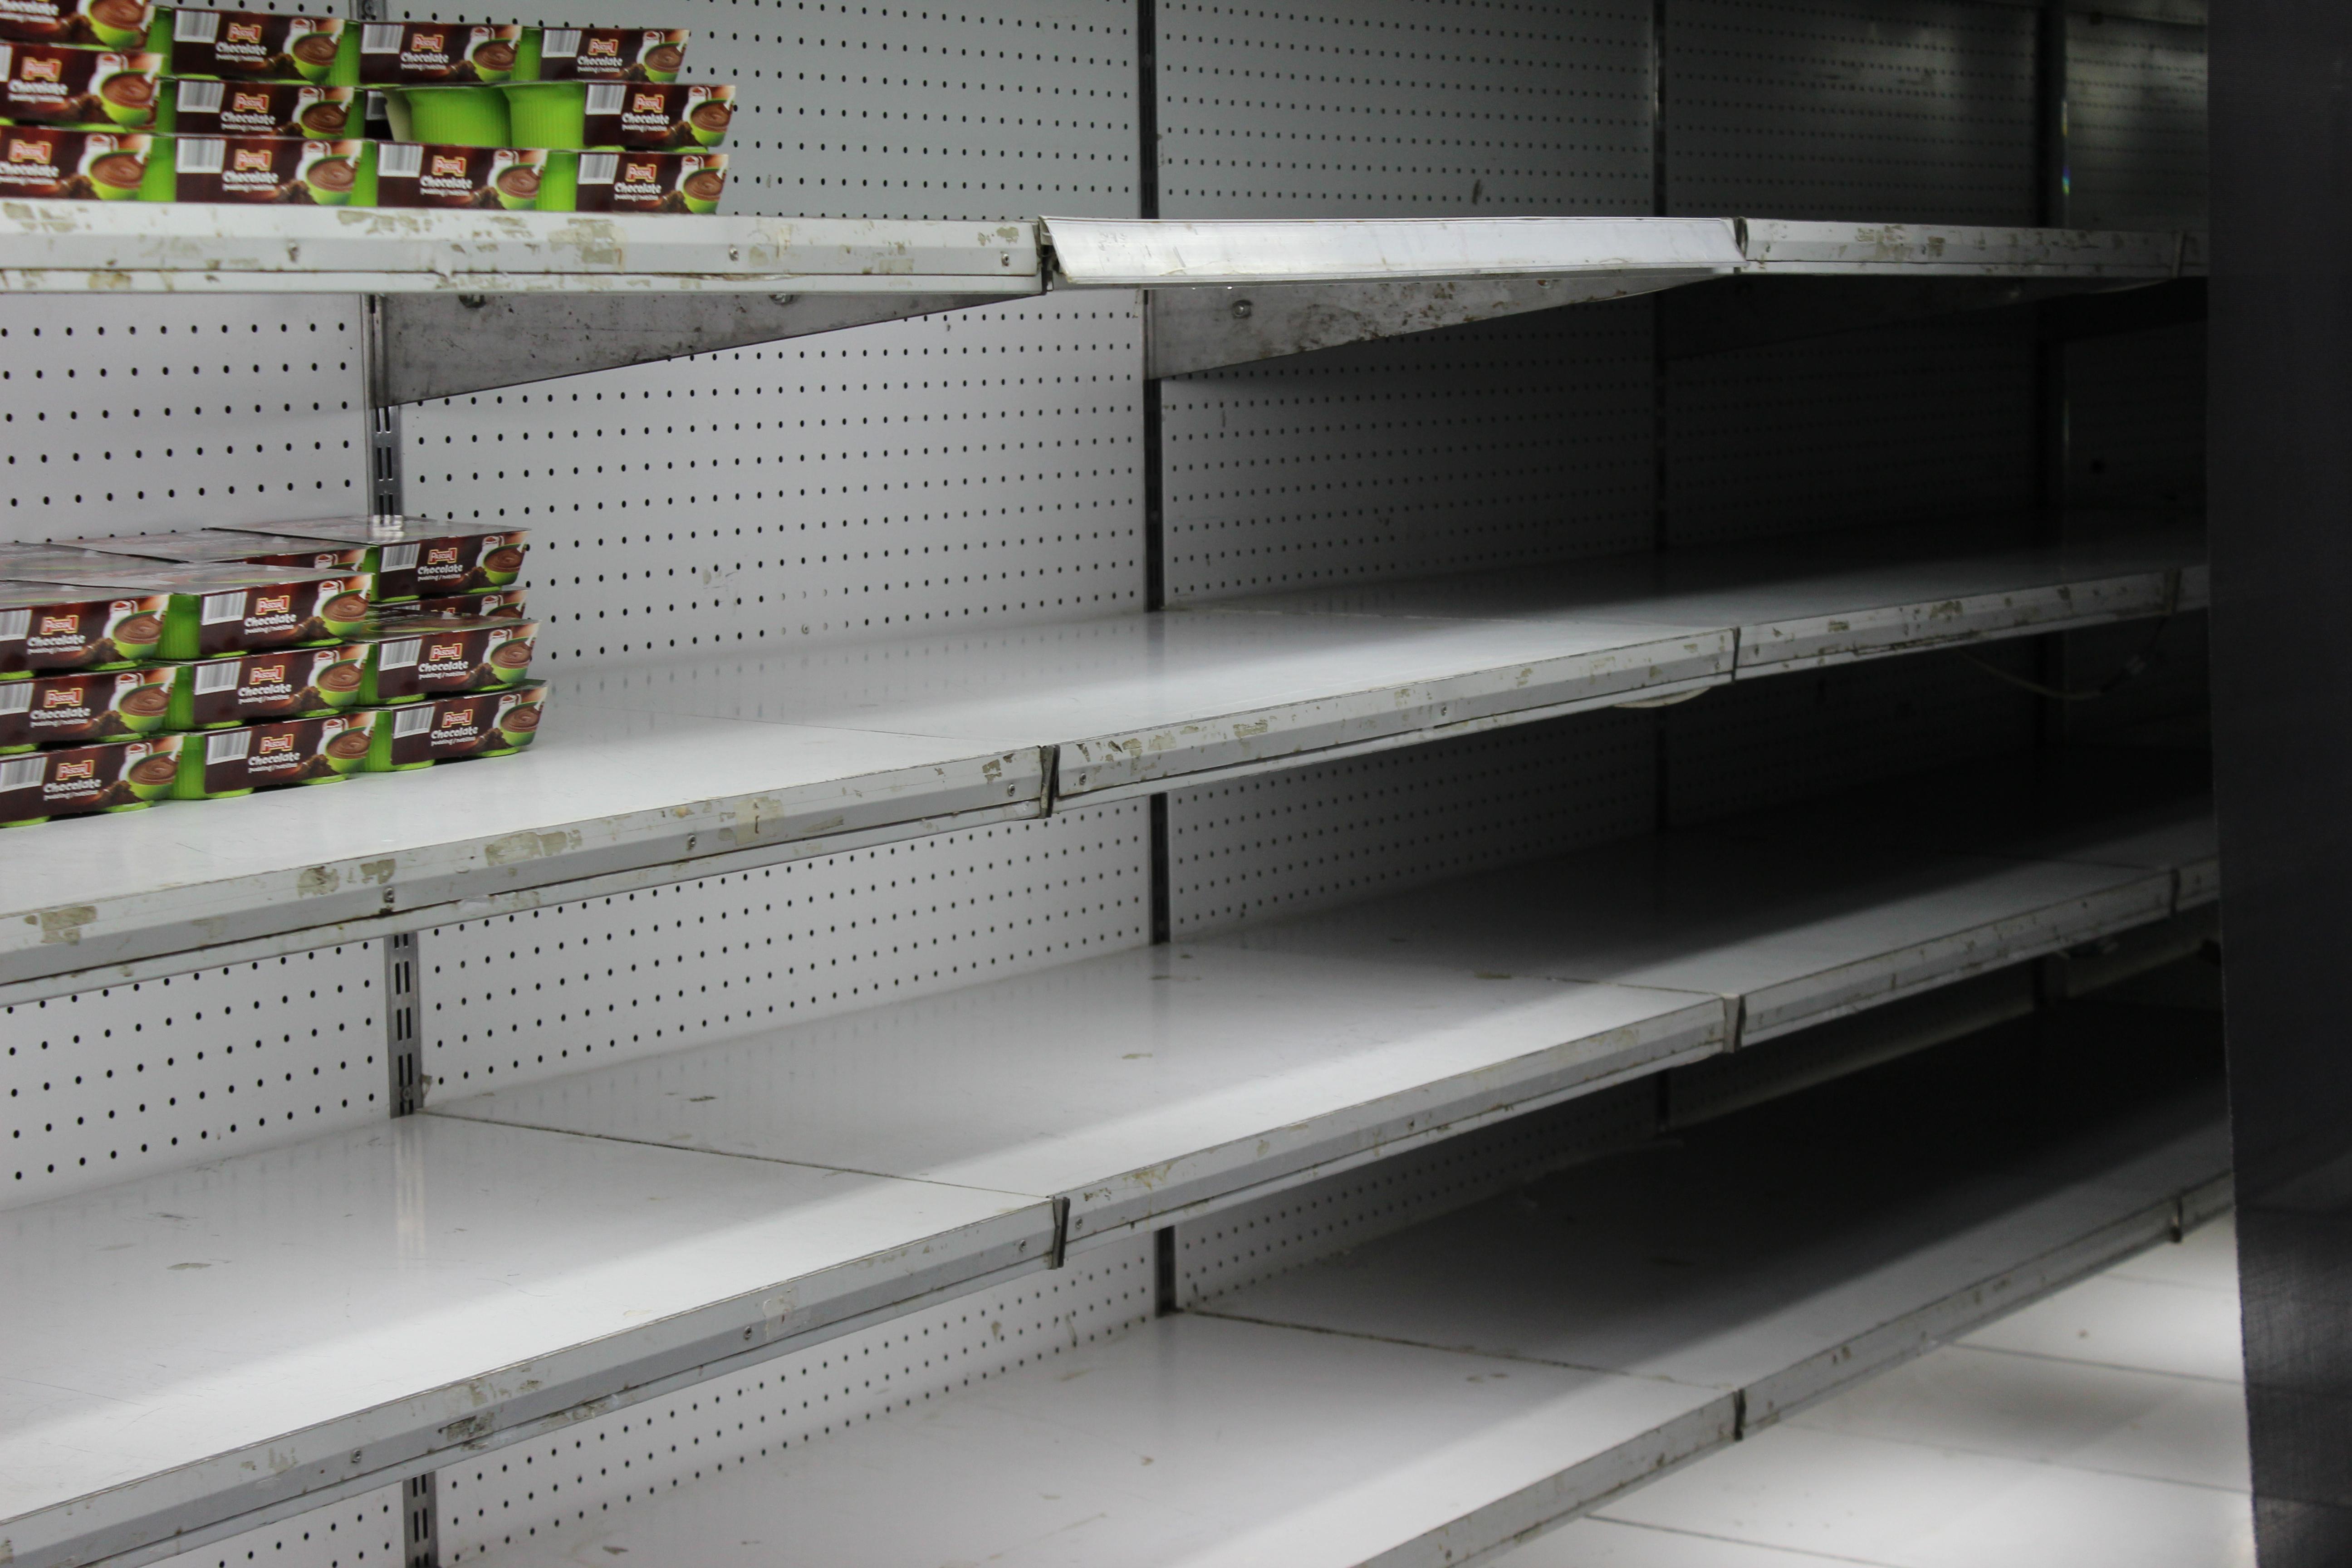 Empty grocery shelves in a grocery store in Havana, Cuba.